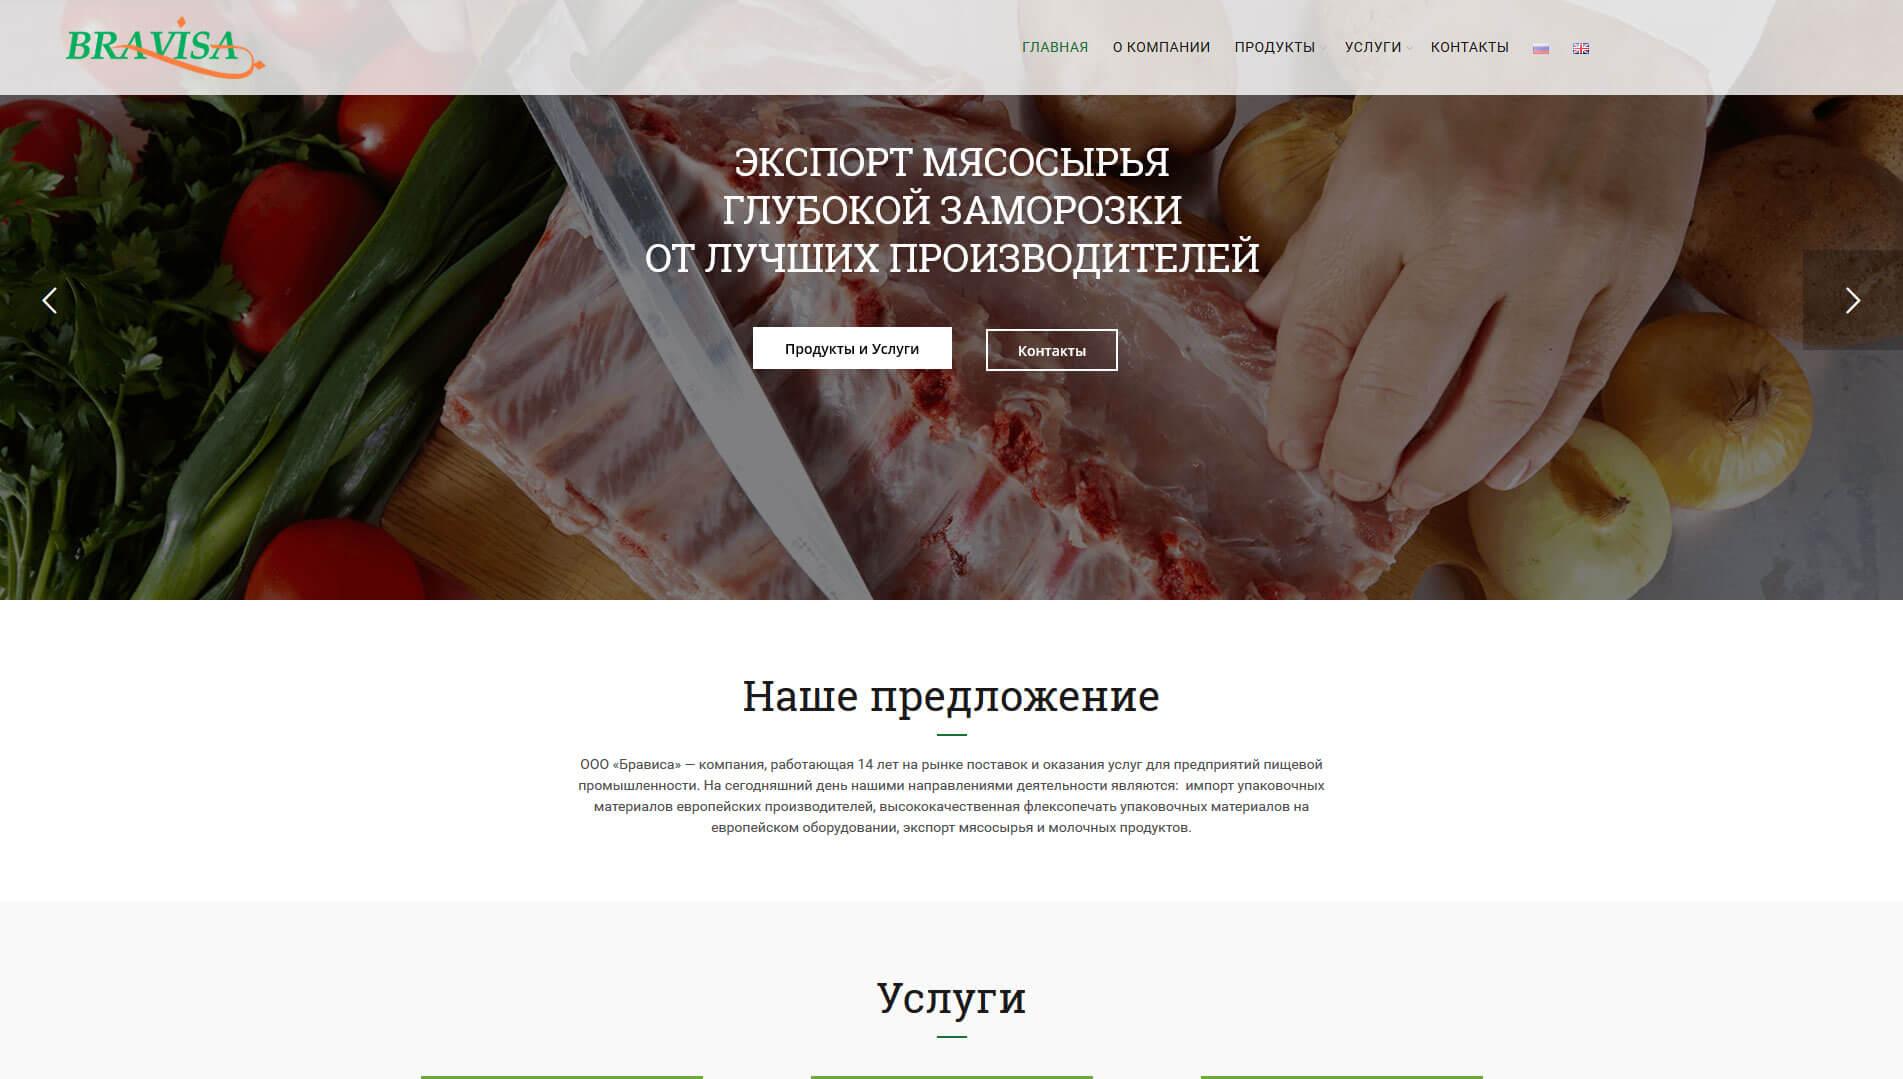 Создание сайта для ООО Брависа